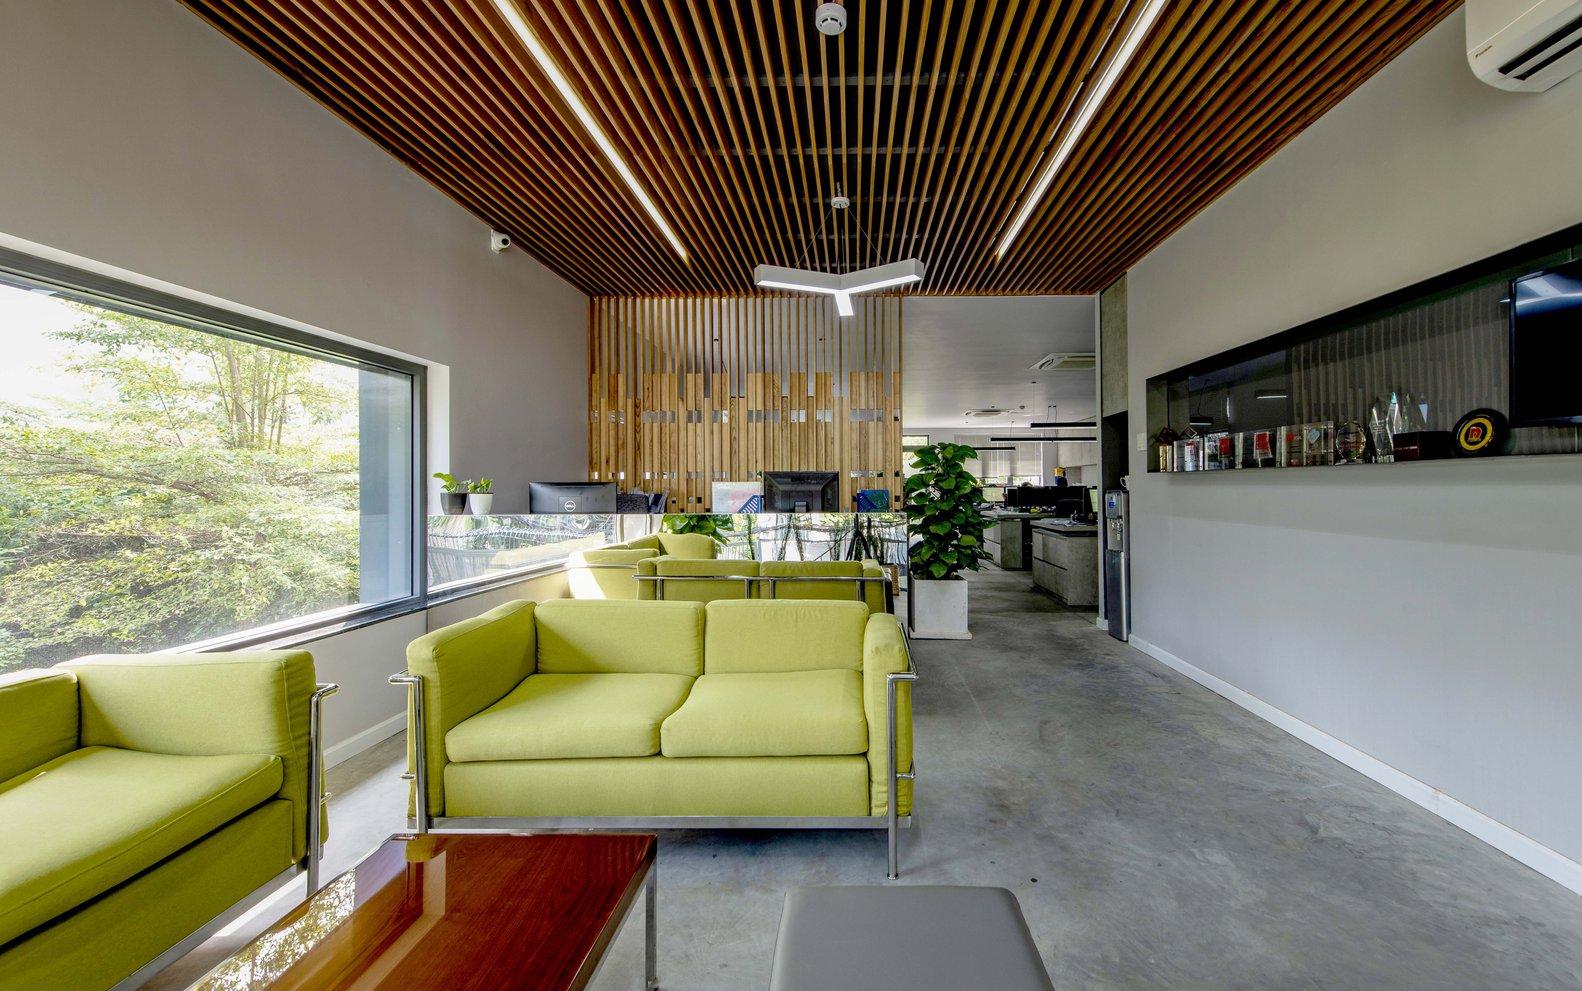 hình ảnh phòng tiếp khách trong tòa văn phòng với ghế sofa màu xanh lá cây